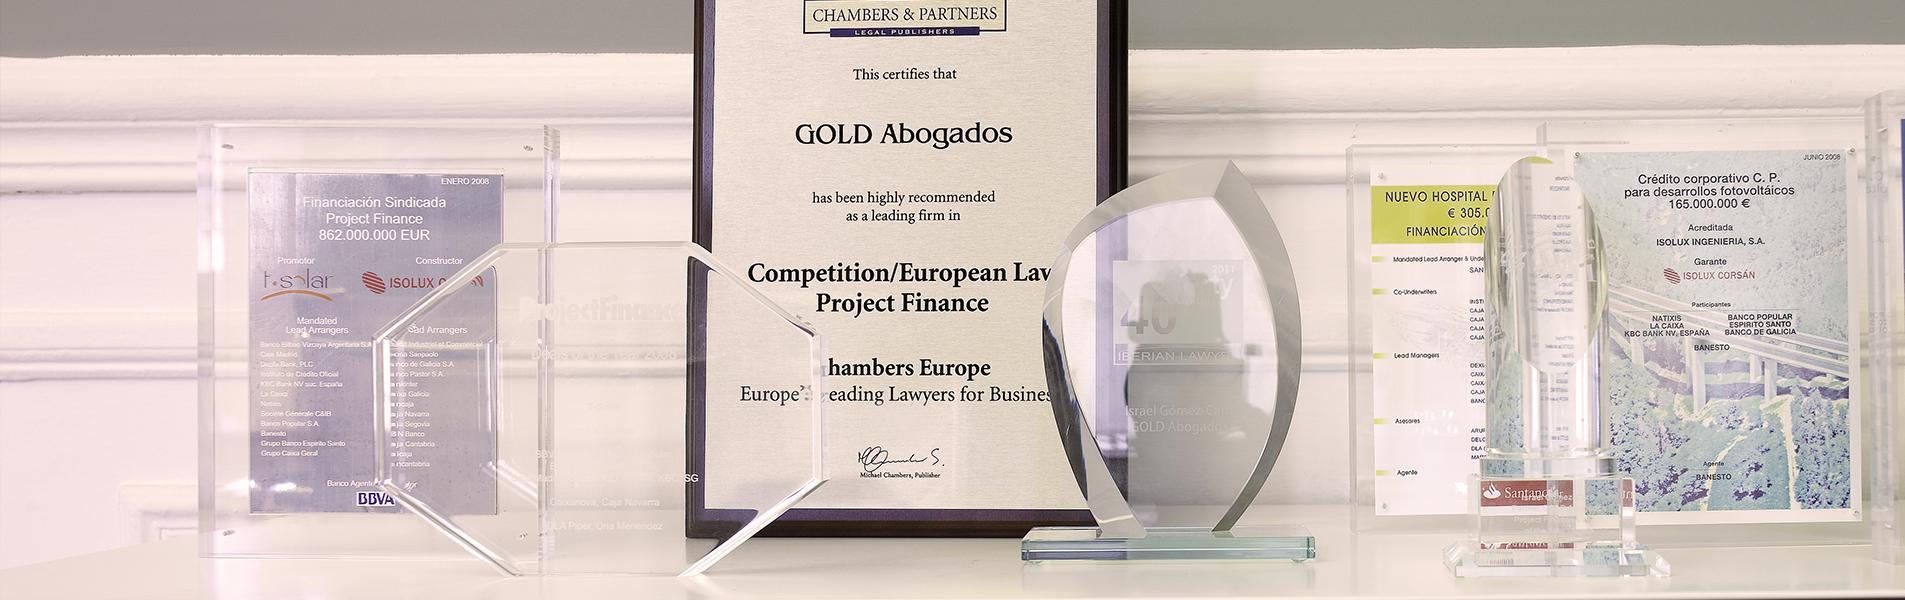 reconocimientos-Gold-Abogados